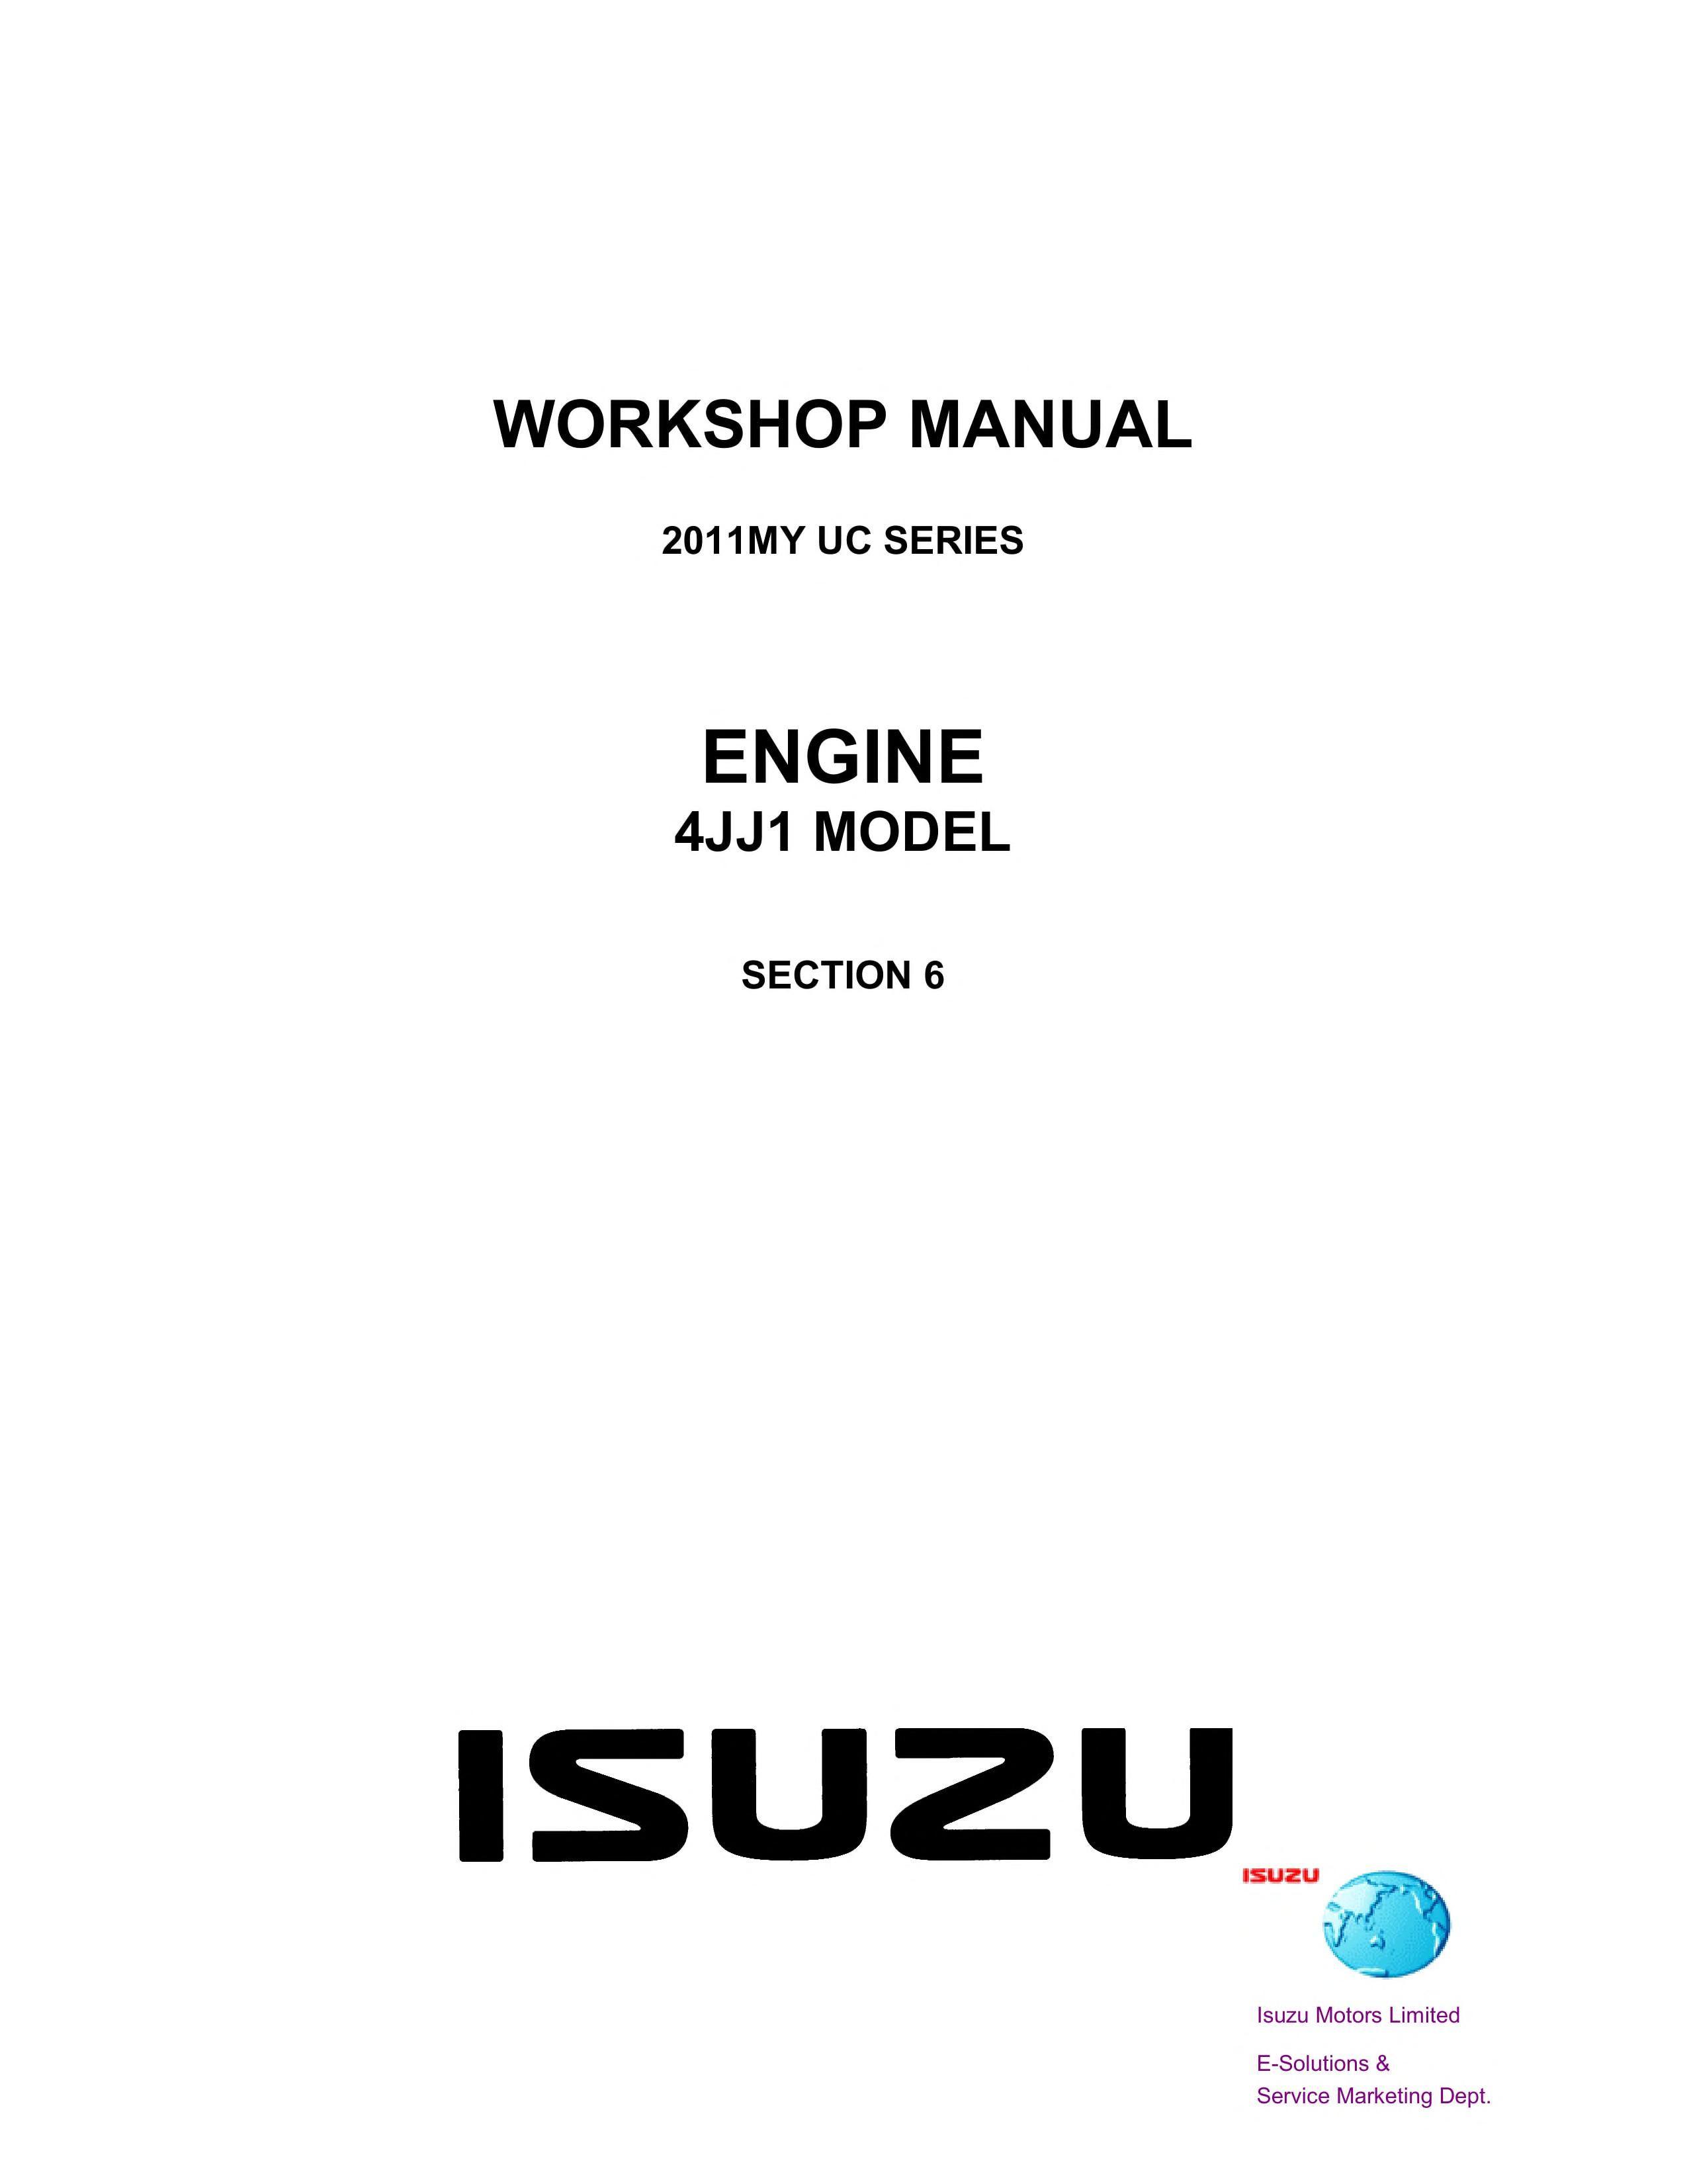 isuzu d max 2011 4jj1 engine service manual pdf pdfy mirror  [ 2550 x 3301 Pixel ]